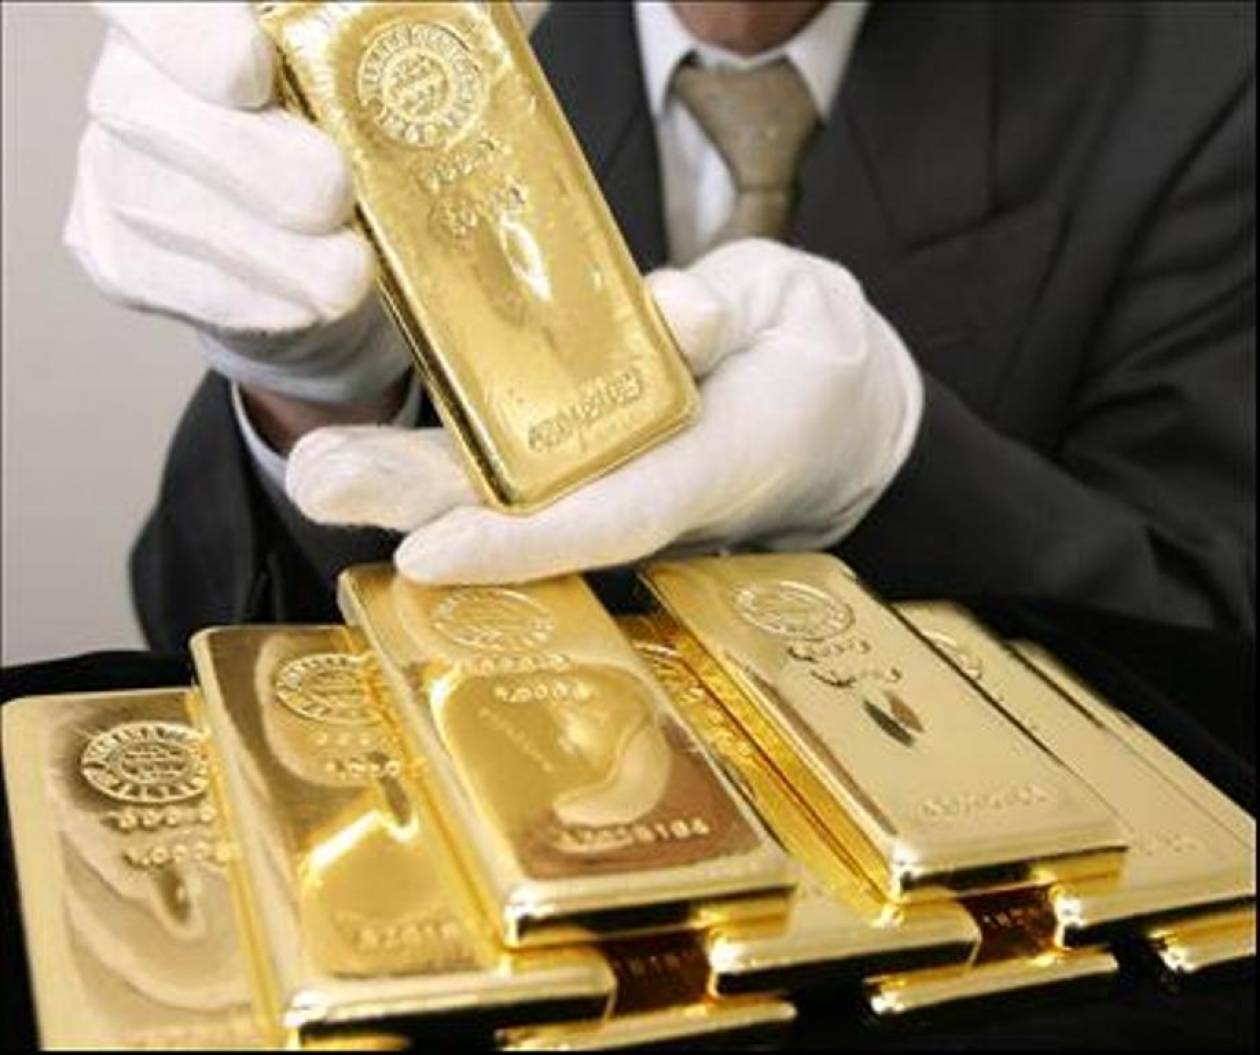 """Σκάνδαλο: Η Κομισιόν ζητά πίσω τα λεφτά από την """"Ελληνικός Χρυσός Α.Ε."""""""